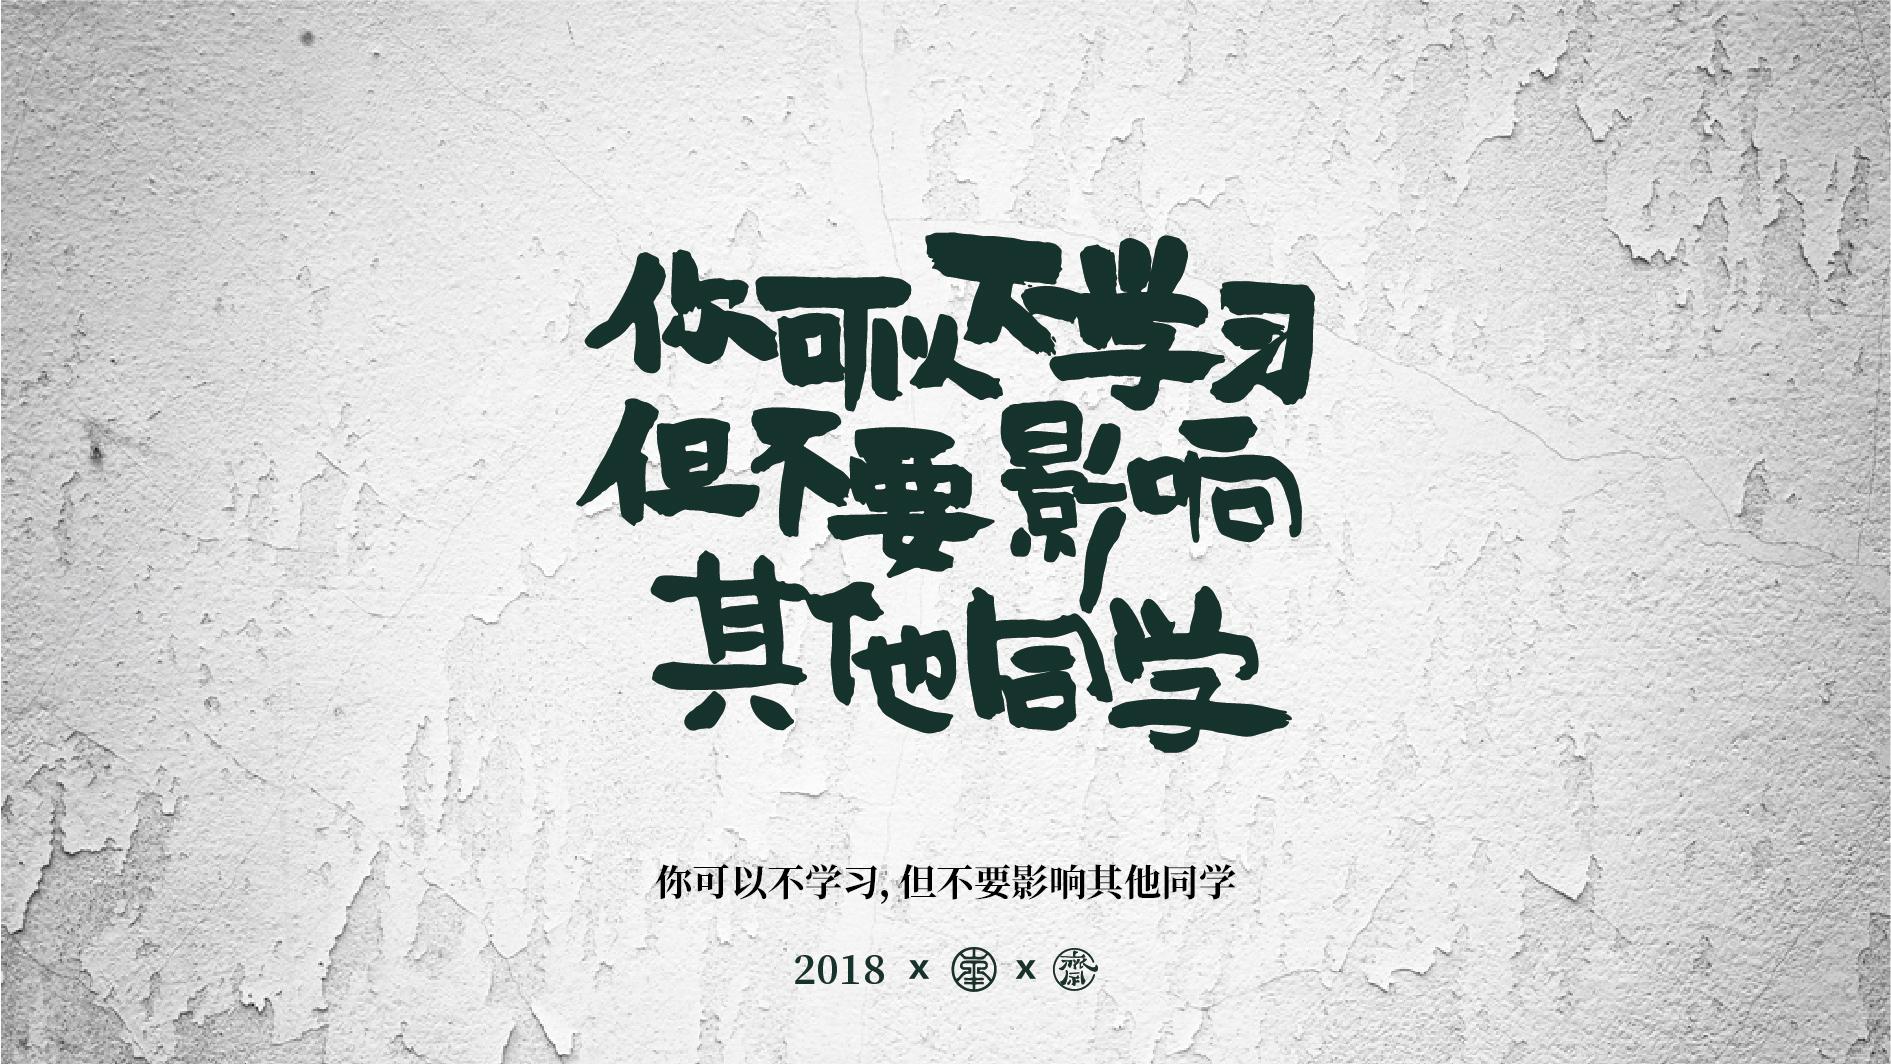 超超大神手写毛笔字第1波 之教师节系列插图(6)